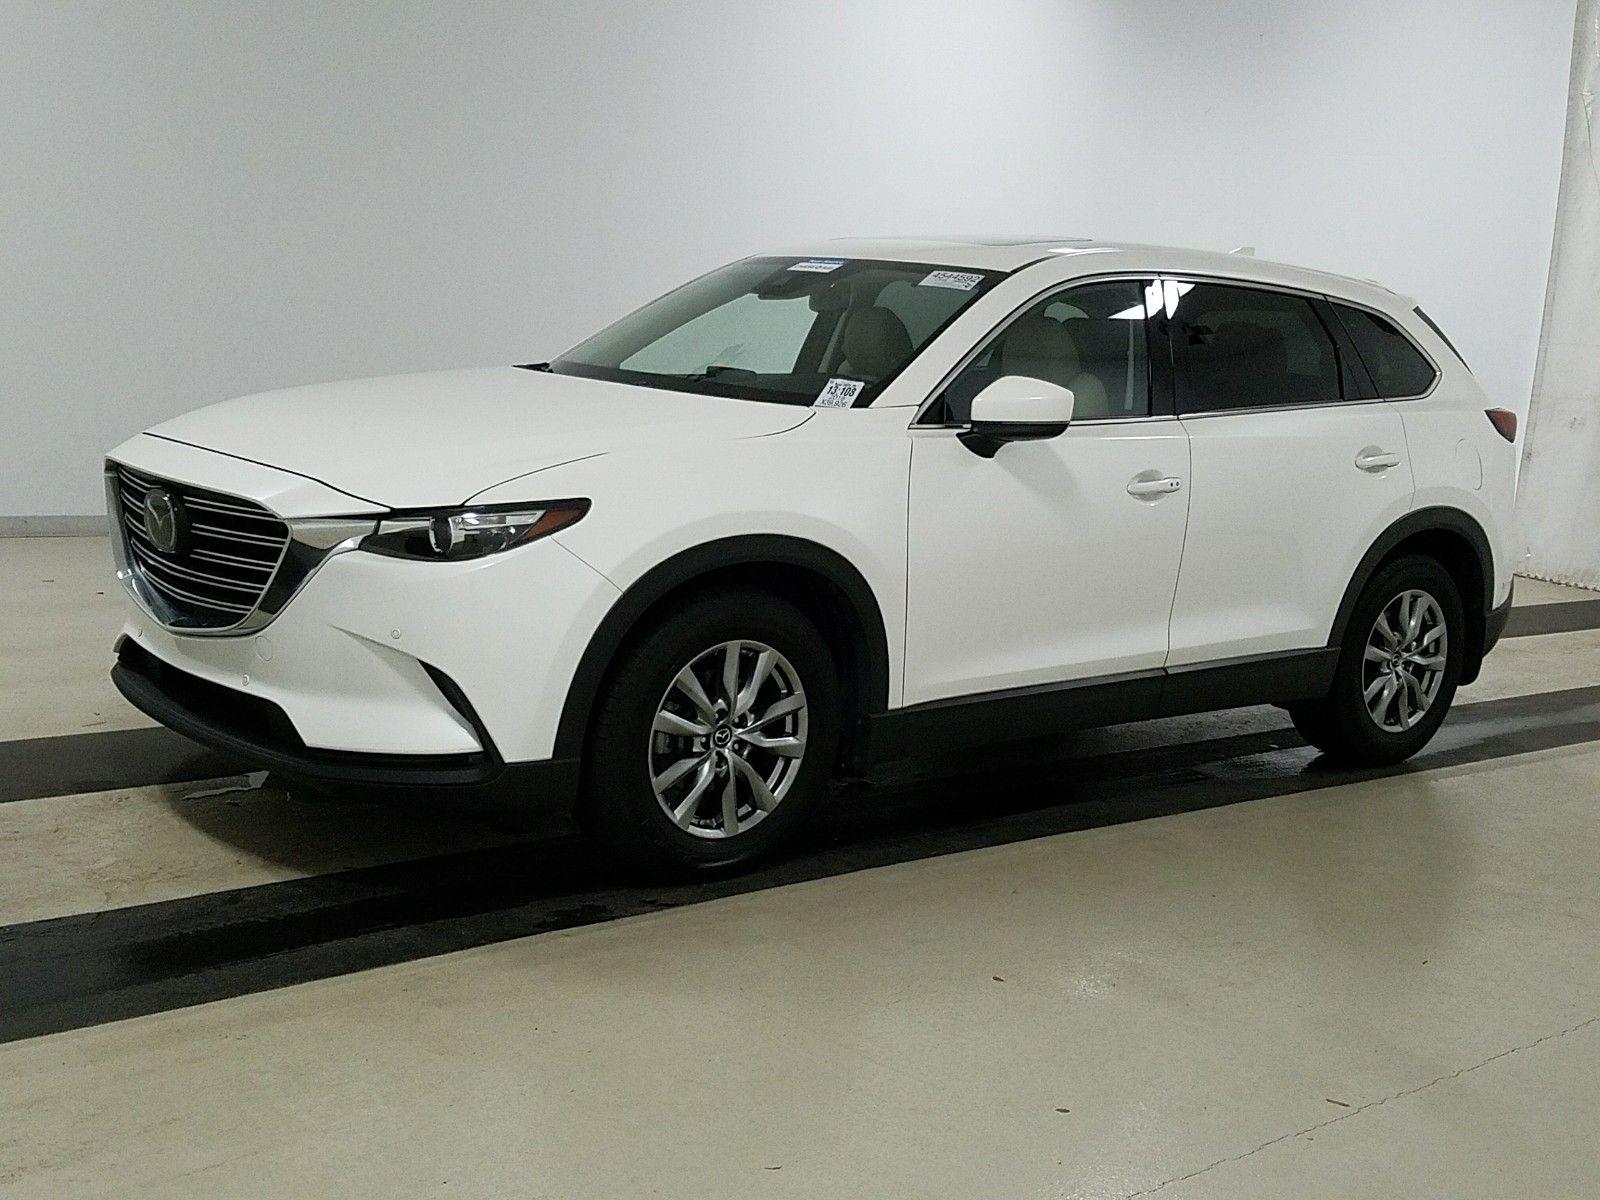 2018 Mazda Cx-9 2.5. Lot 99915992070 Vin JM3TCACY4J0207690